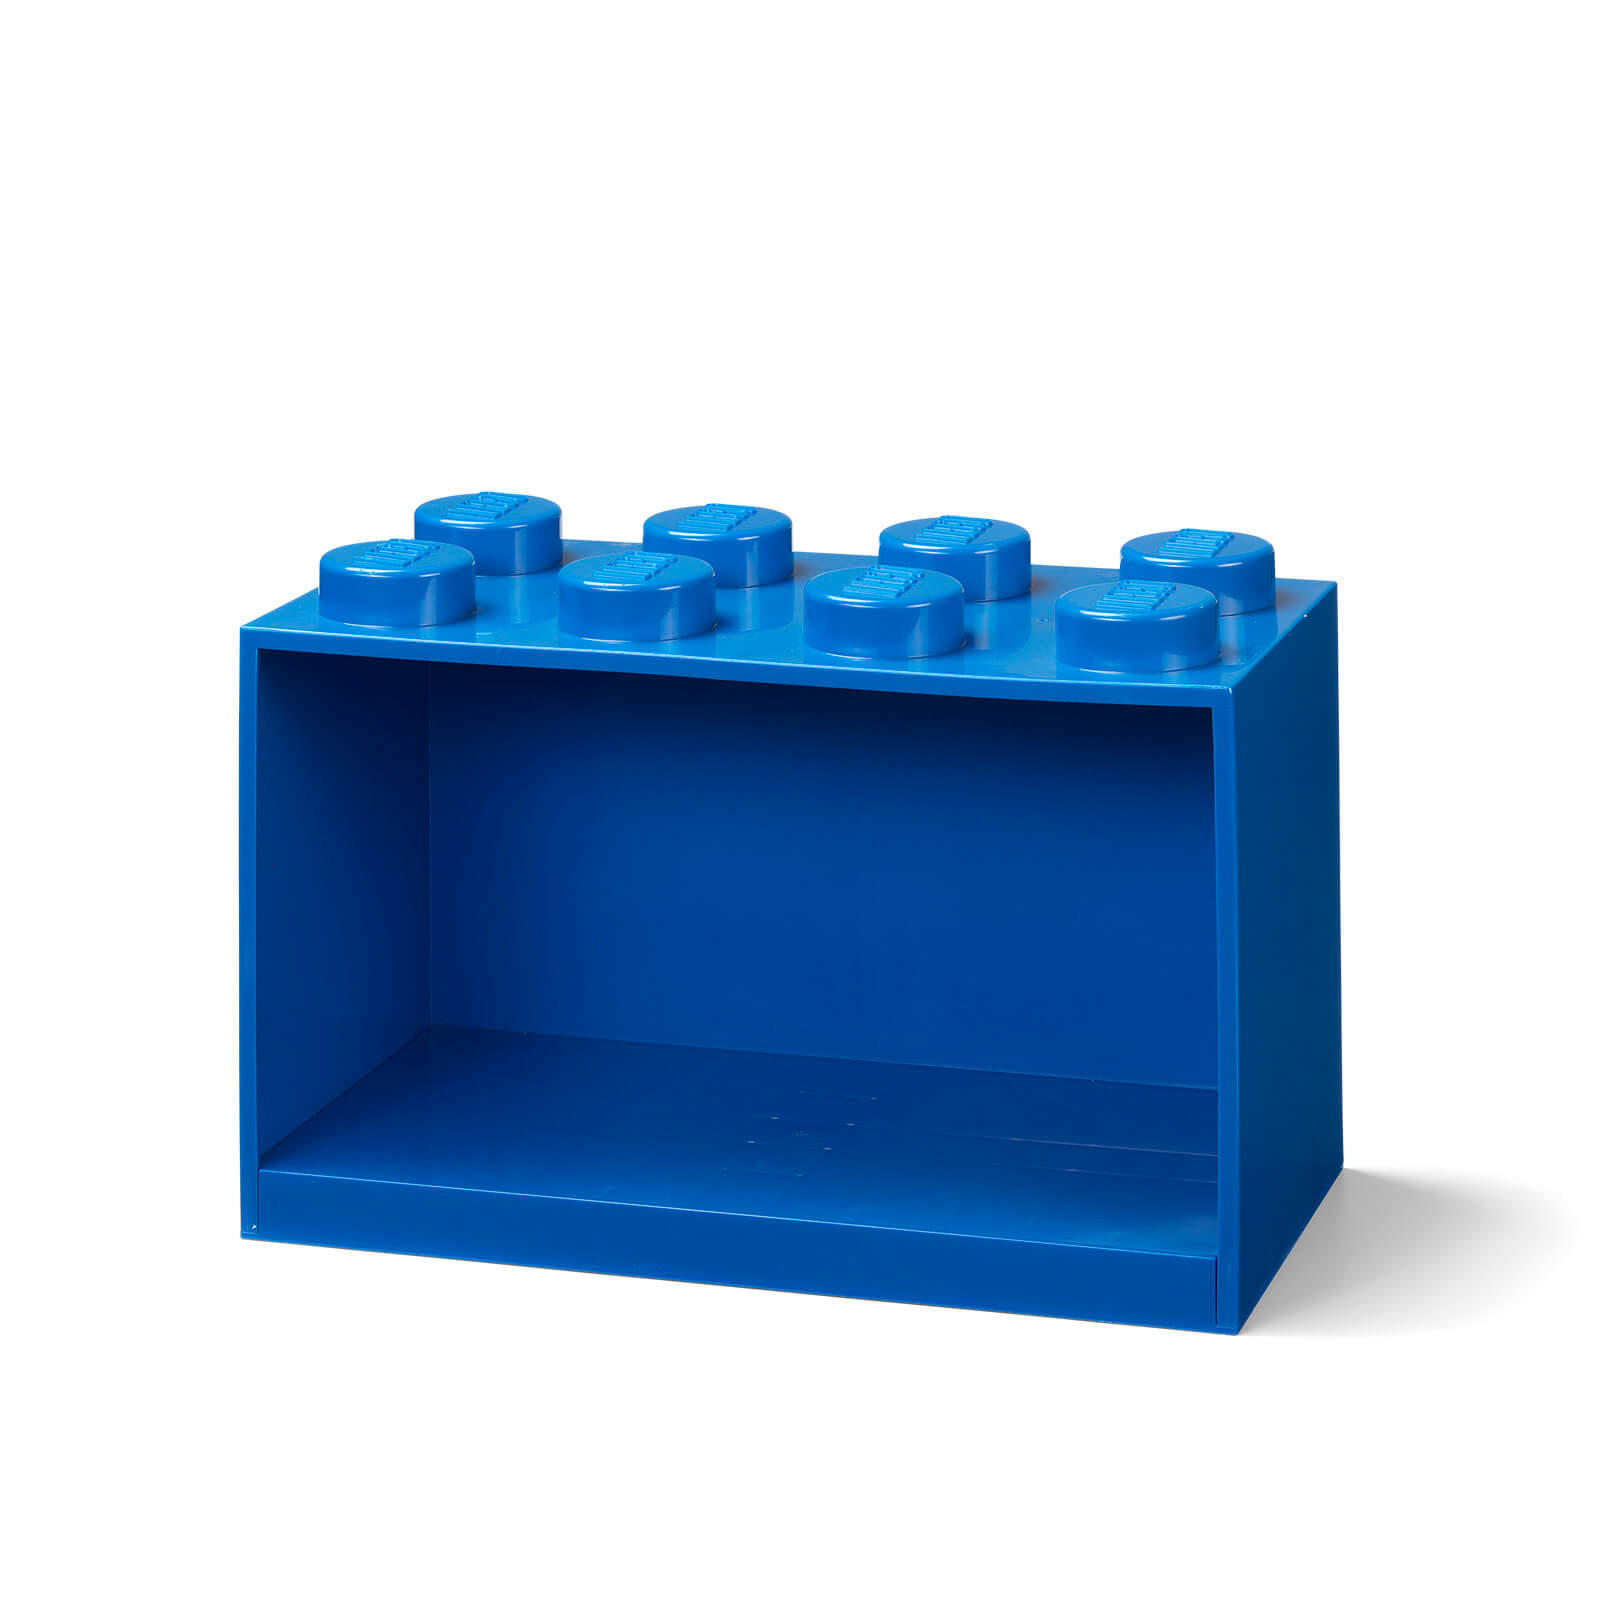 Image of LEGO Storage Brick Shelf 8 - Blue